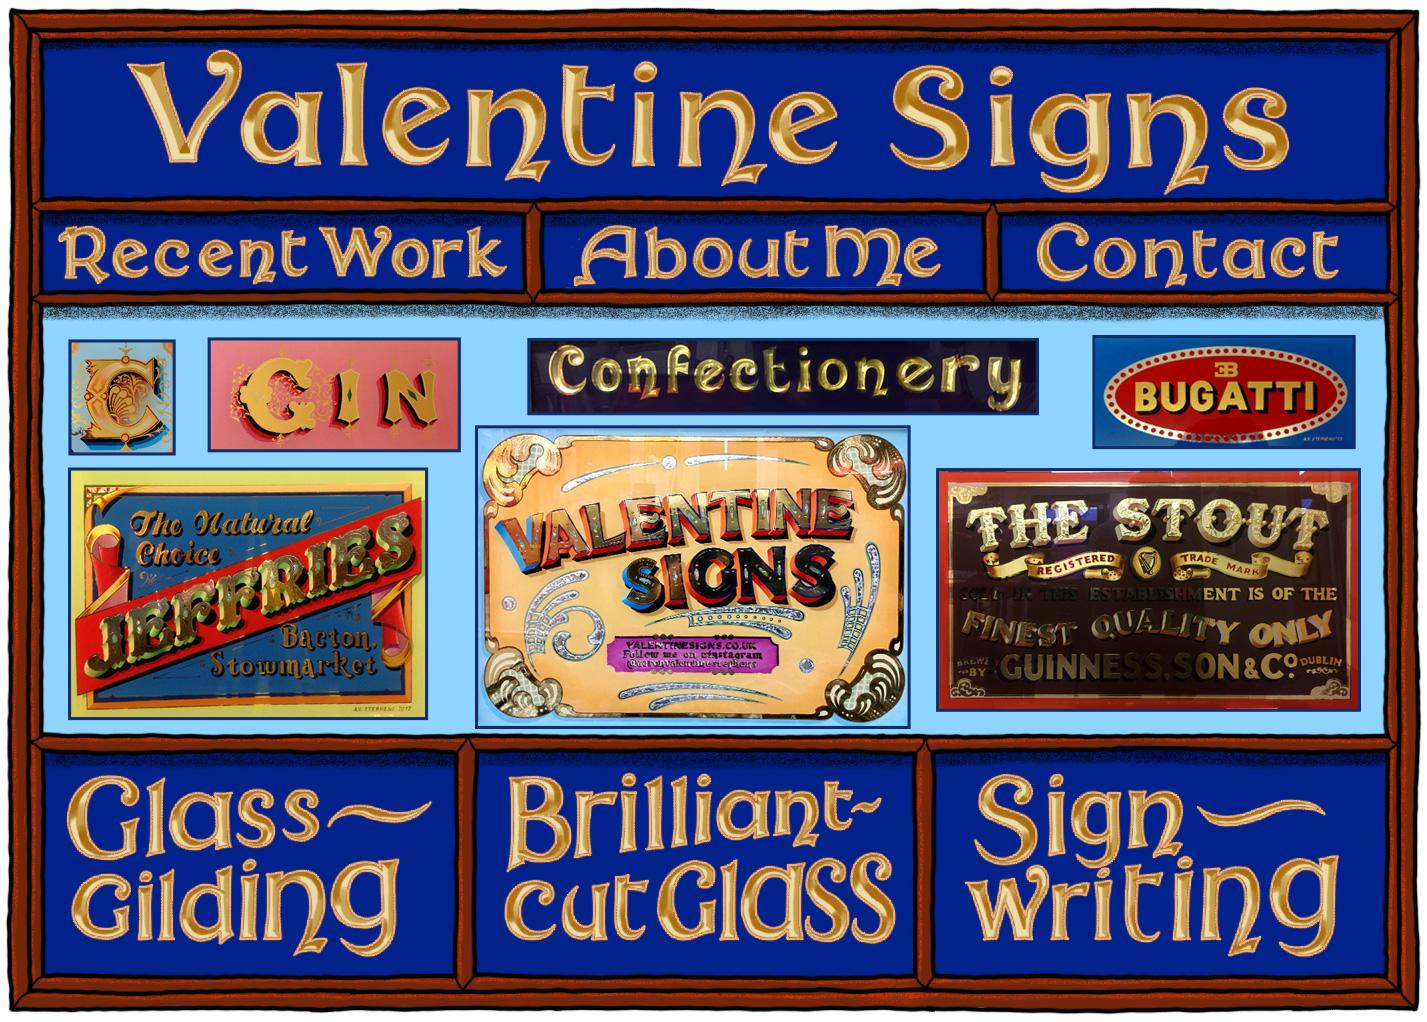 Valentine Signs